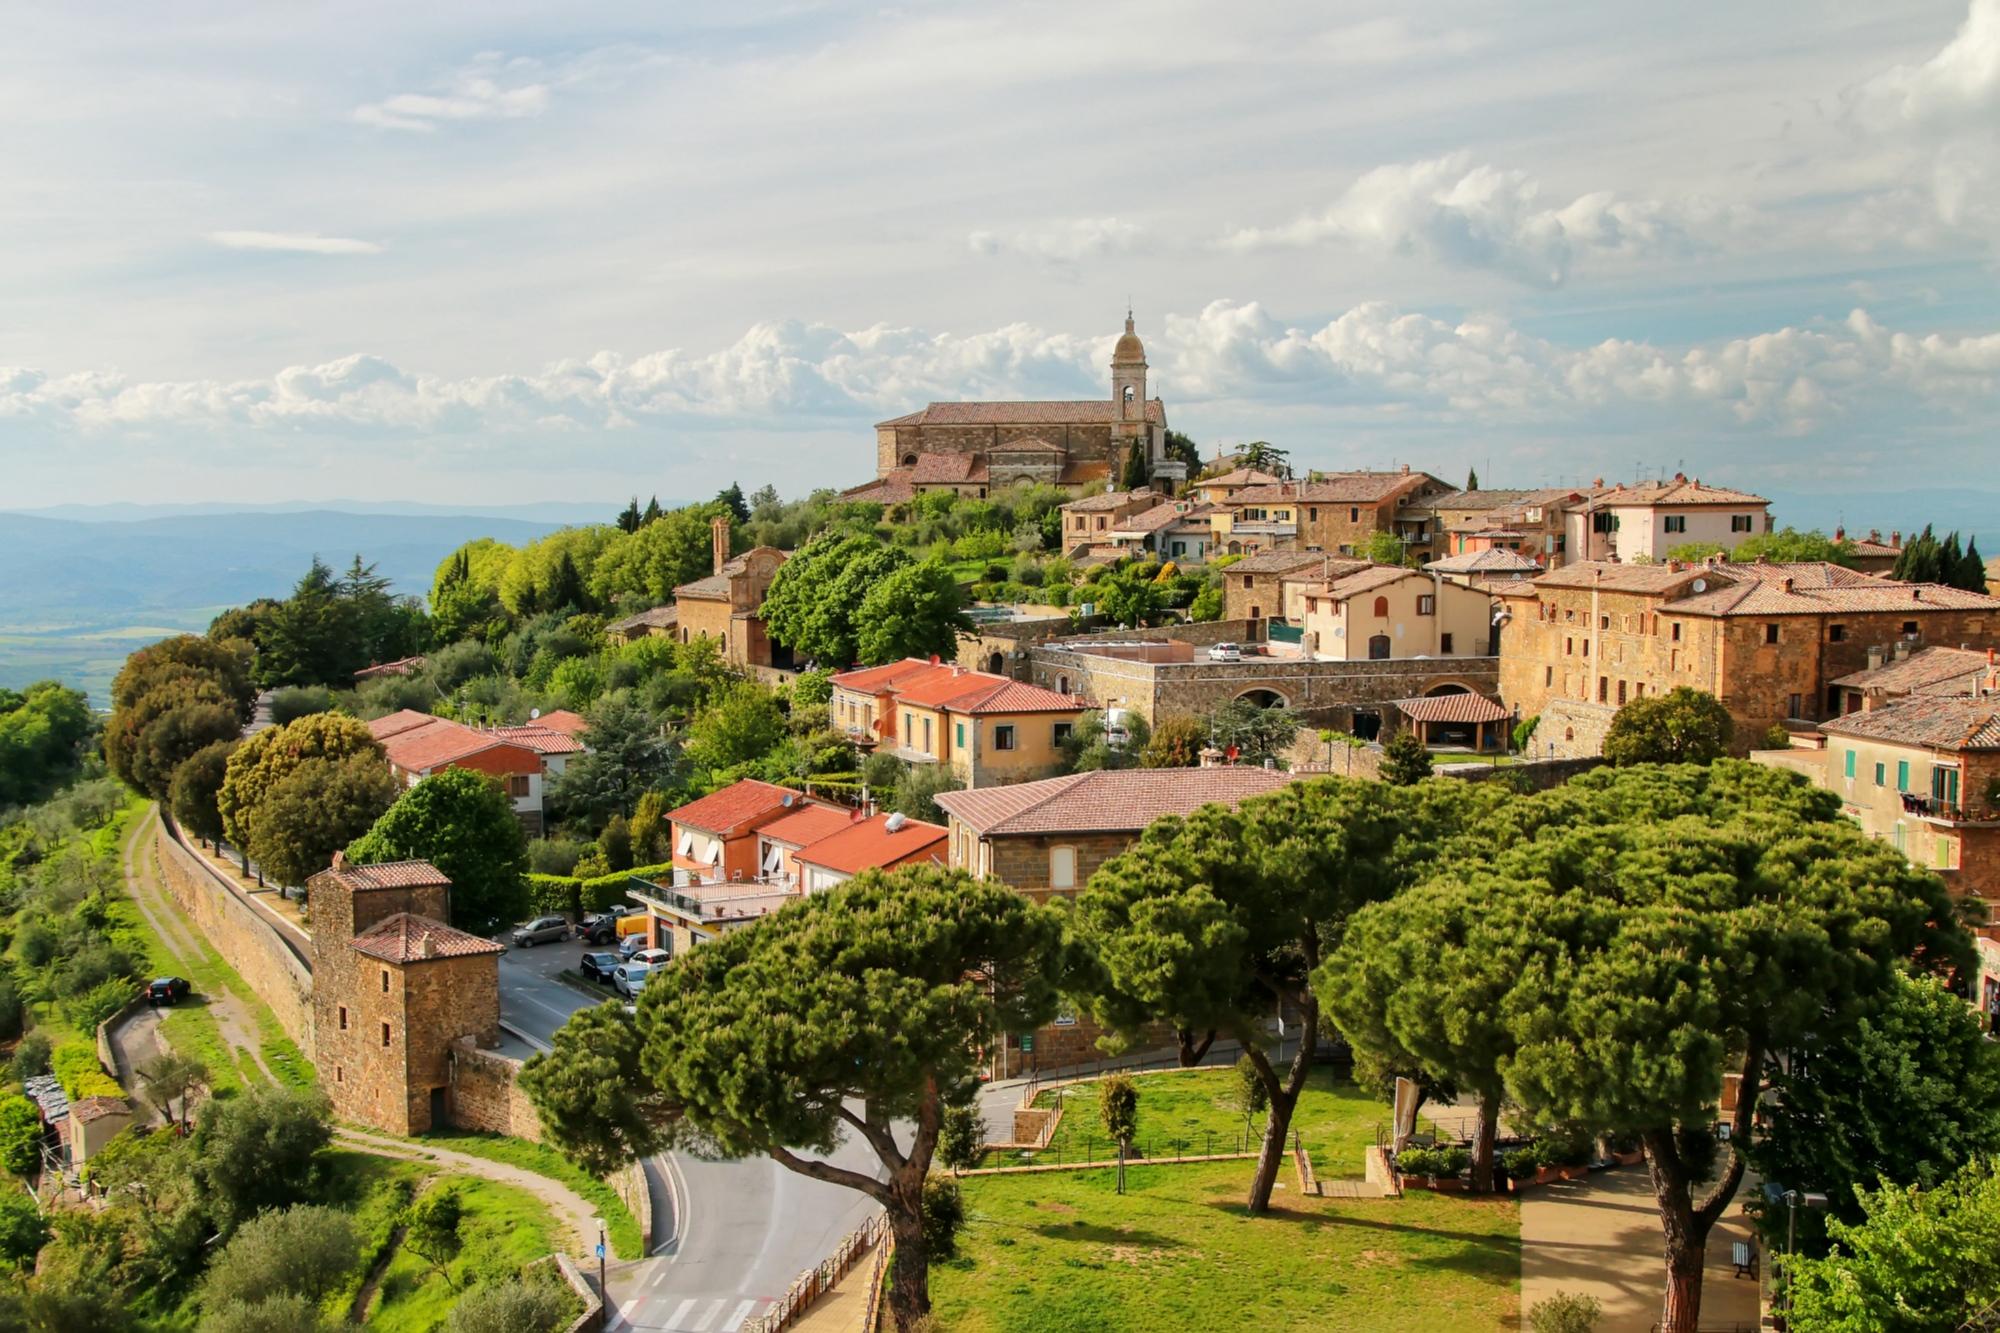 Chiusura ristorazione Usa, problemi per il vino made in Italy